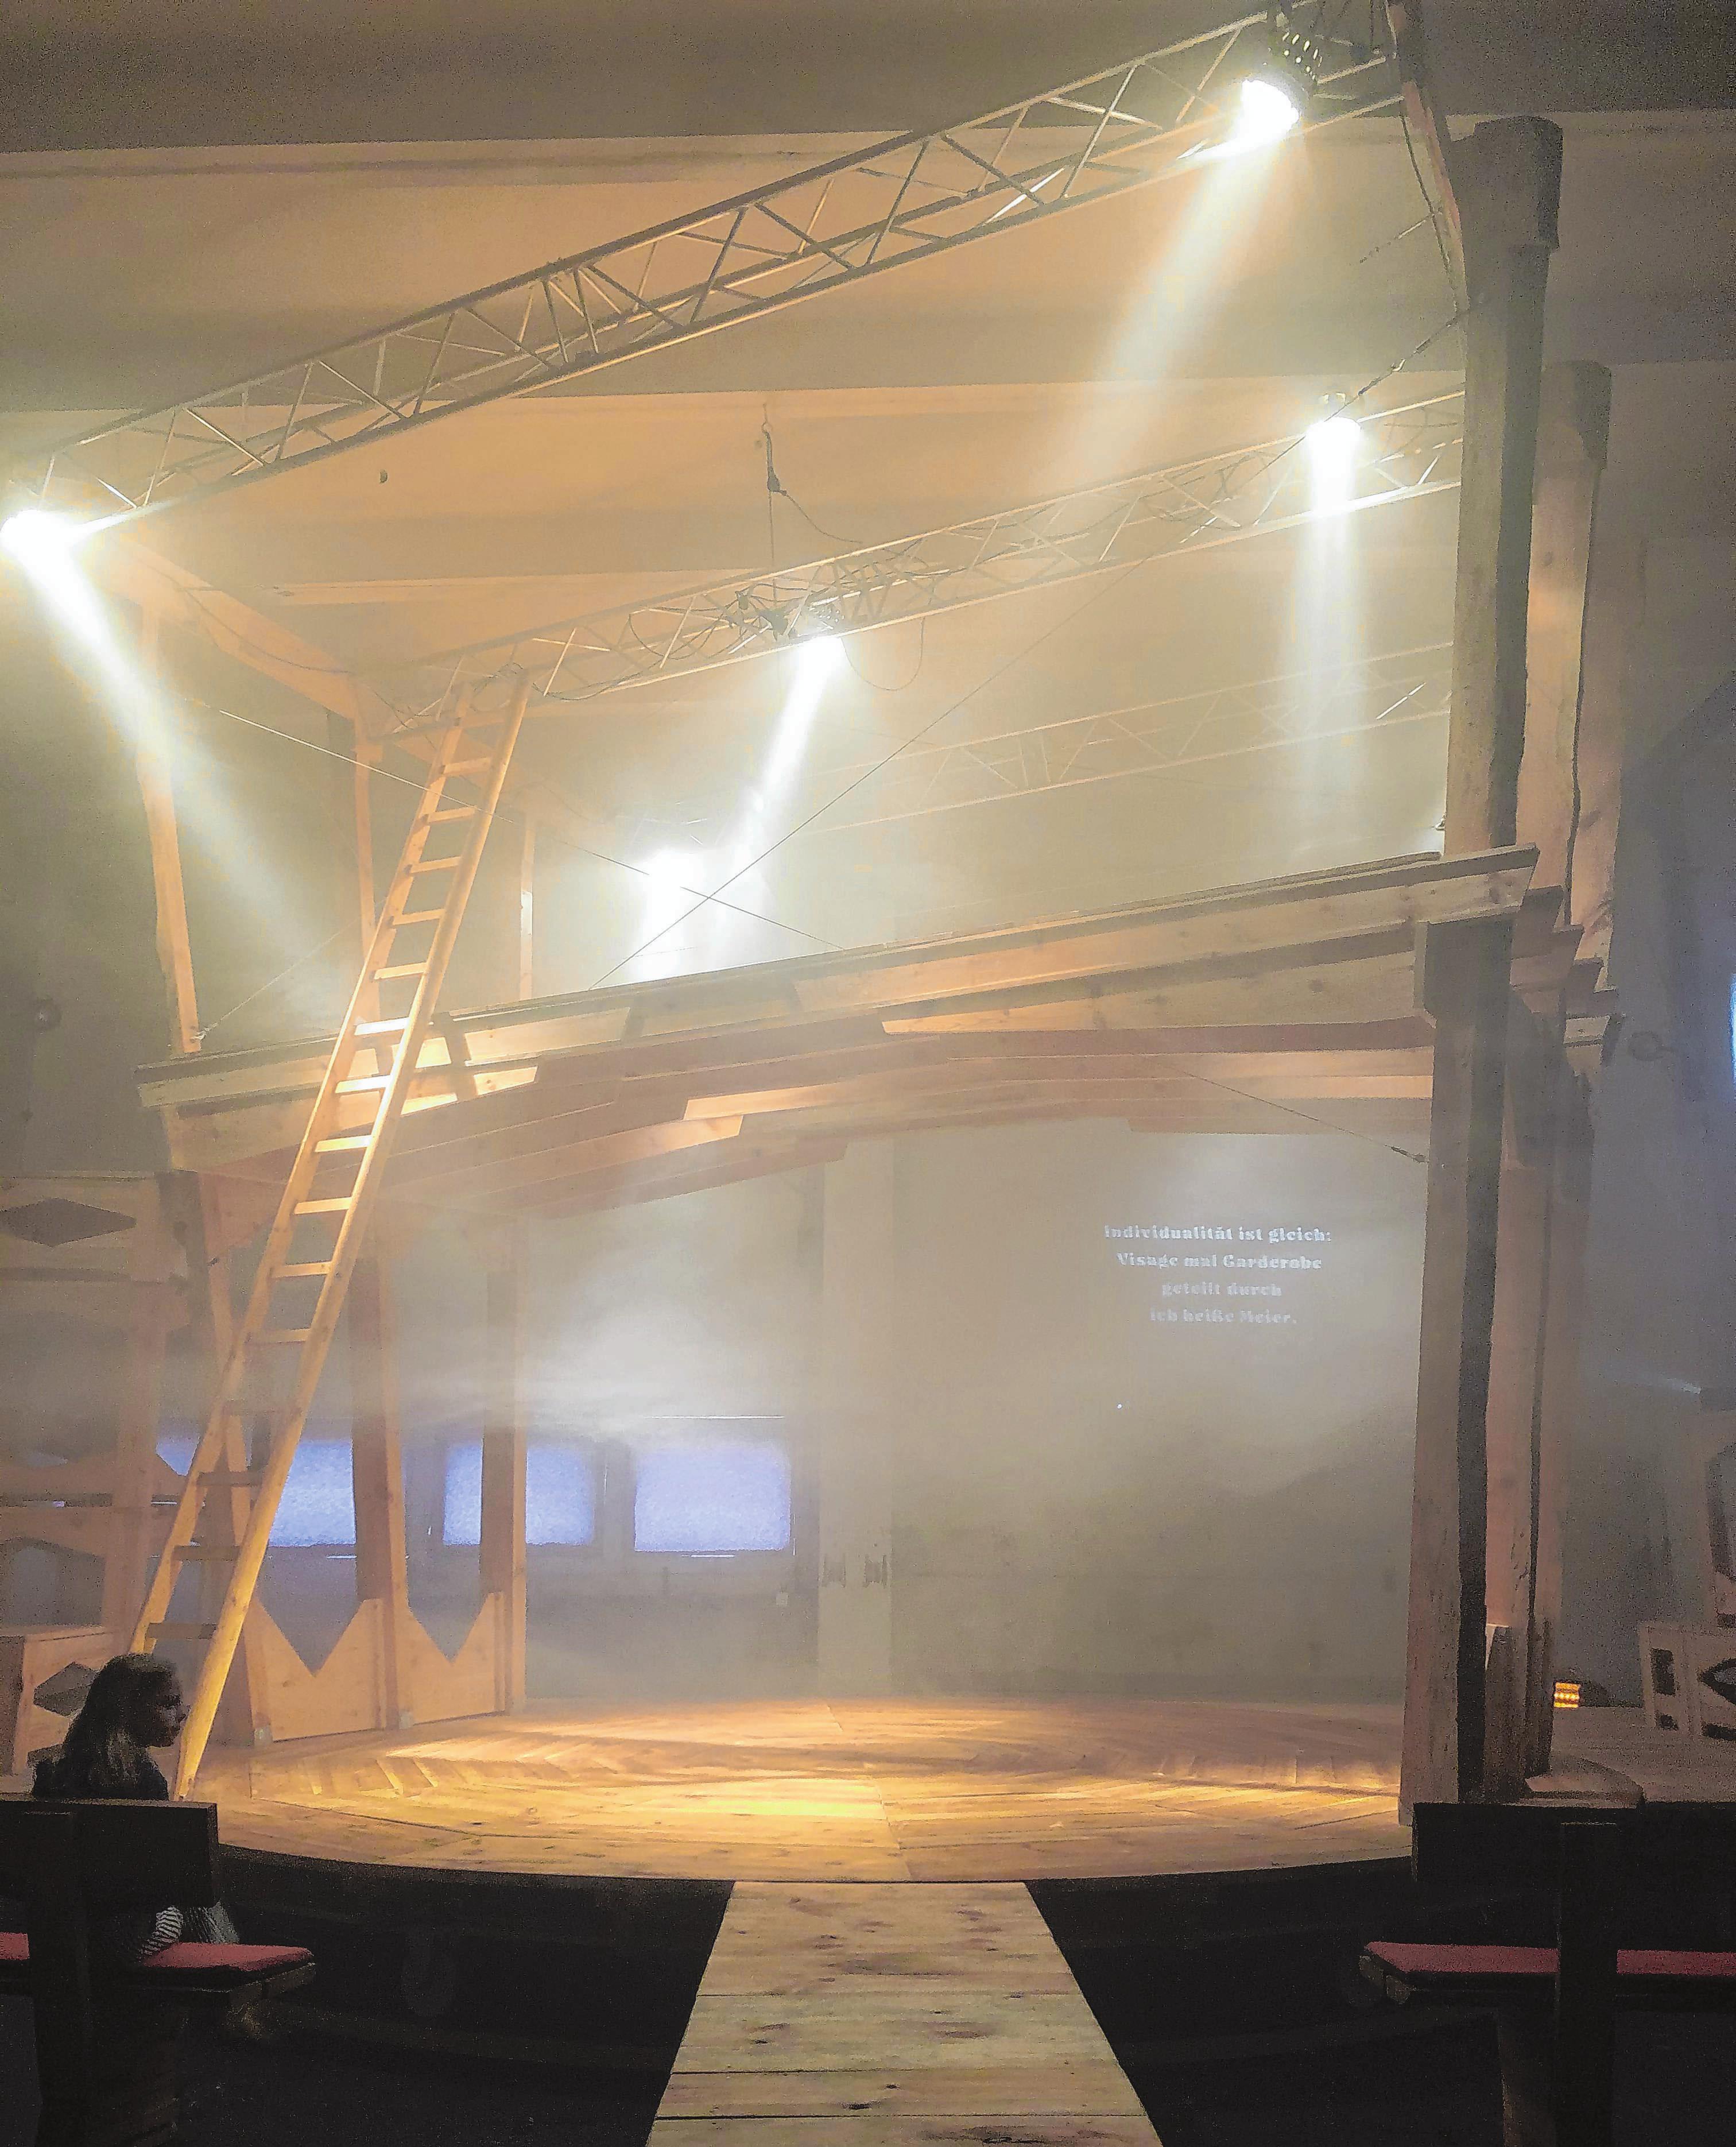 """Das Holz für die Bühneninstallation stammt aus dem Nachbarwald. Und wie diese in Raum und Geschichte greift, kann man ab dem 12. Juli bei der Inszenierung der """"Räuberinnen"""", dem weiblichen Gegenentwurf zu Friedrich Schiller, erleben. Foto: Jana Posna"""